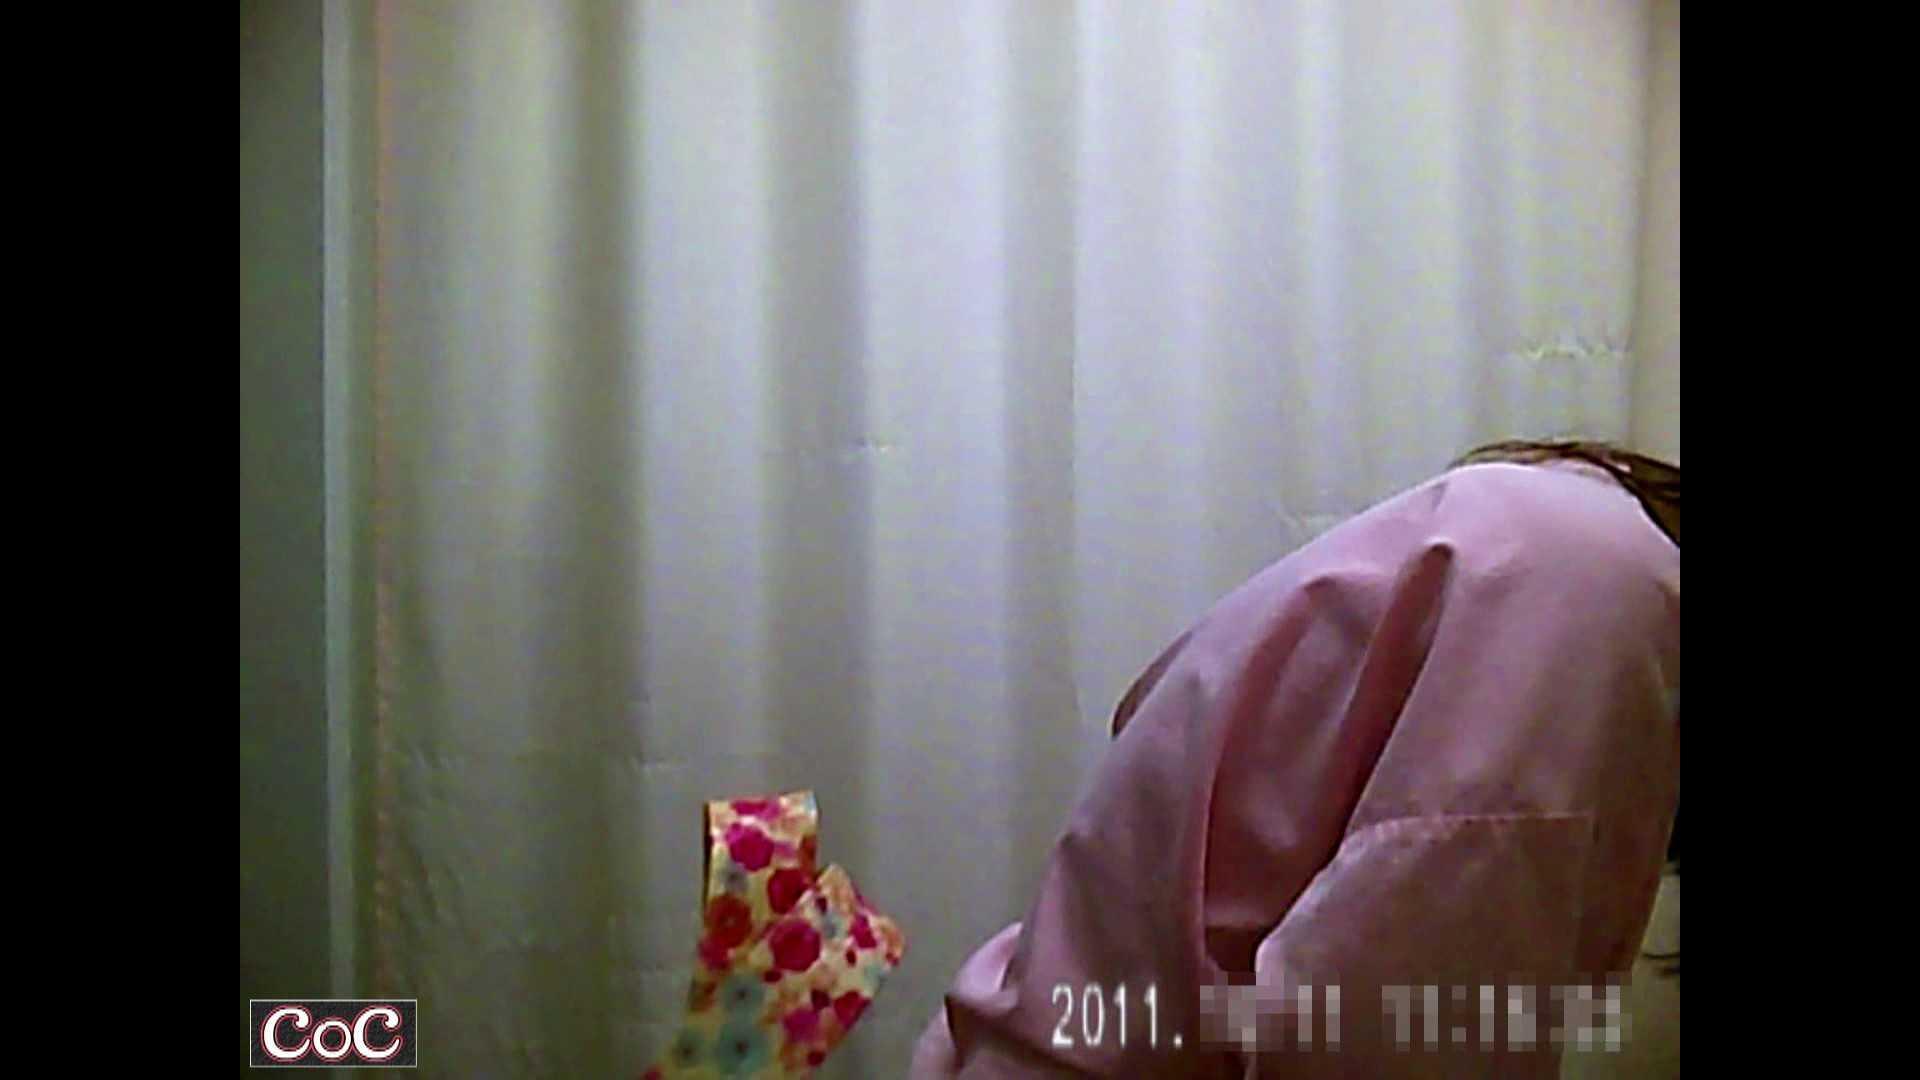 病院おもいっきり着替え! vol.54 盗撮師作品 隠し撮りオマンコ動画紹介 103pic 10